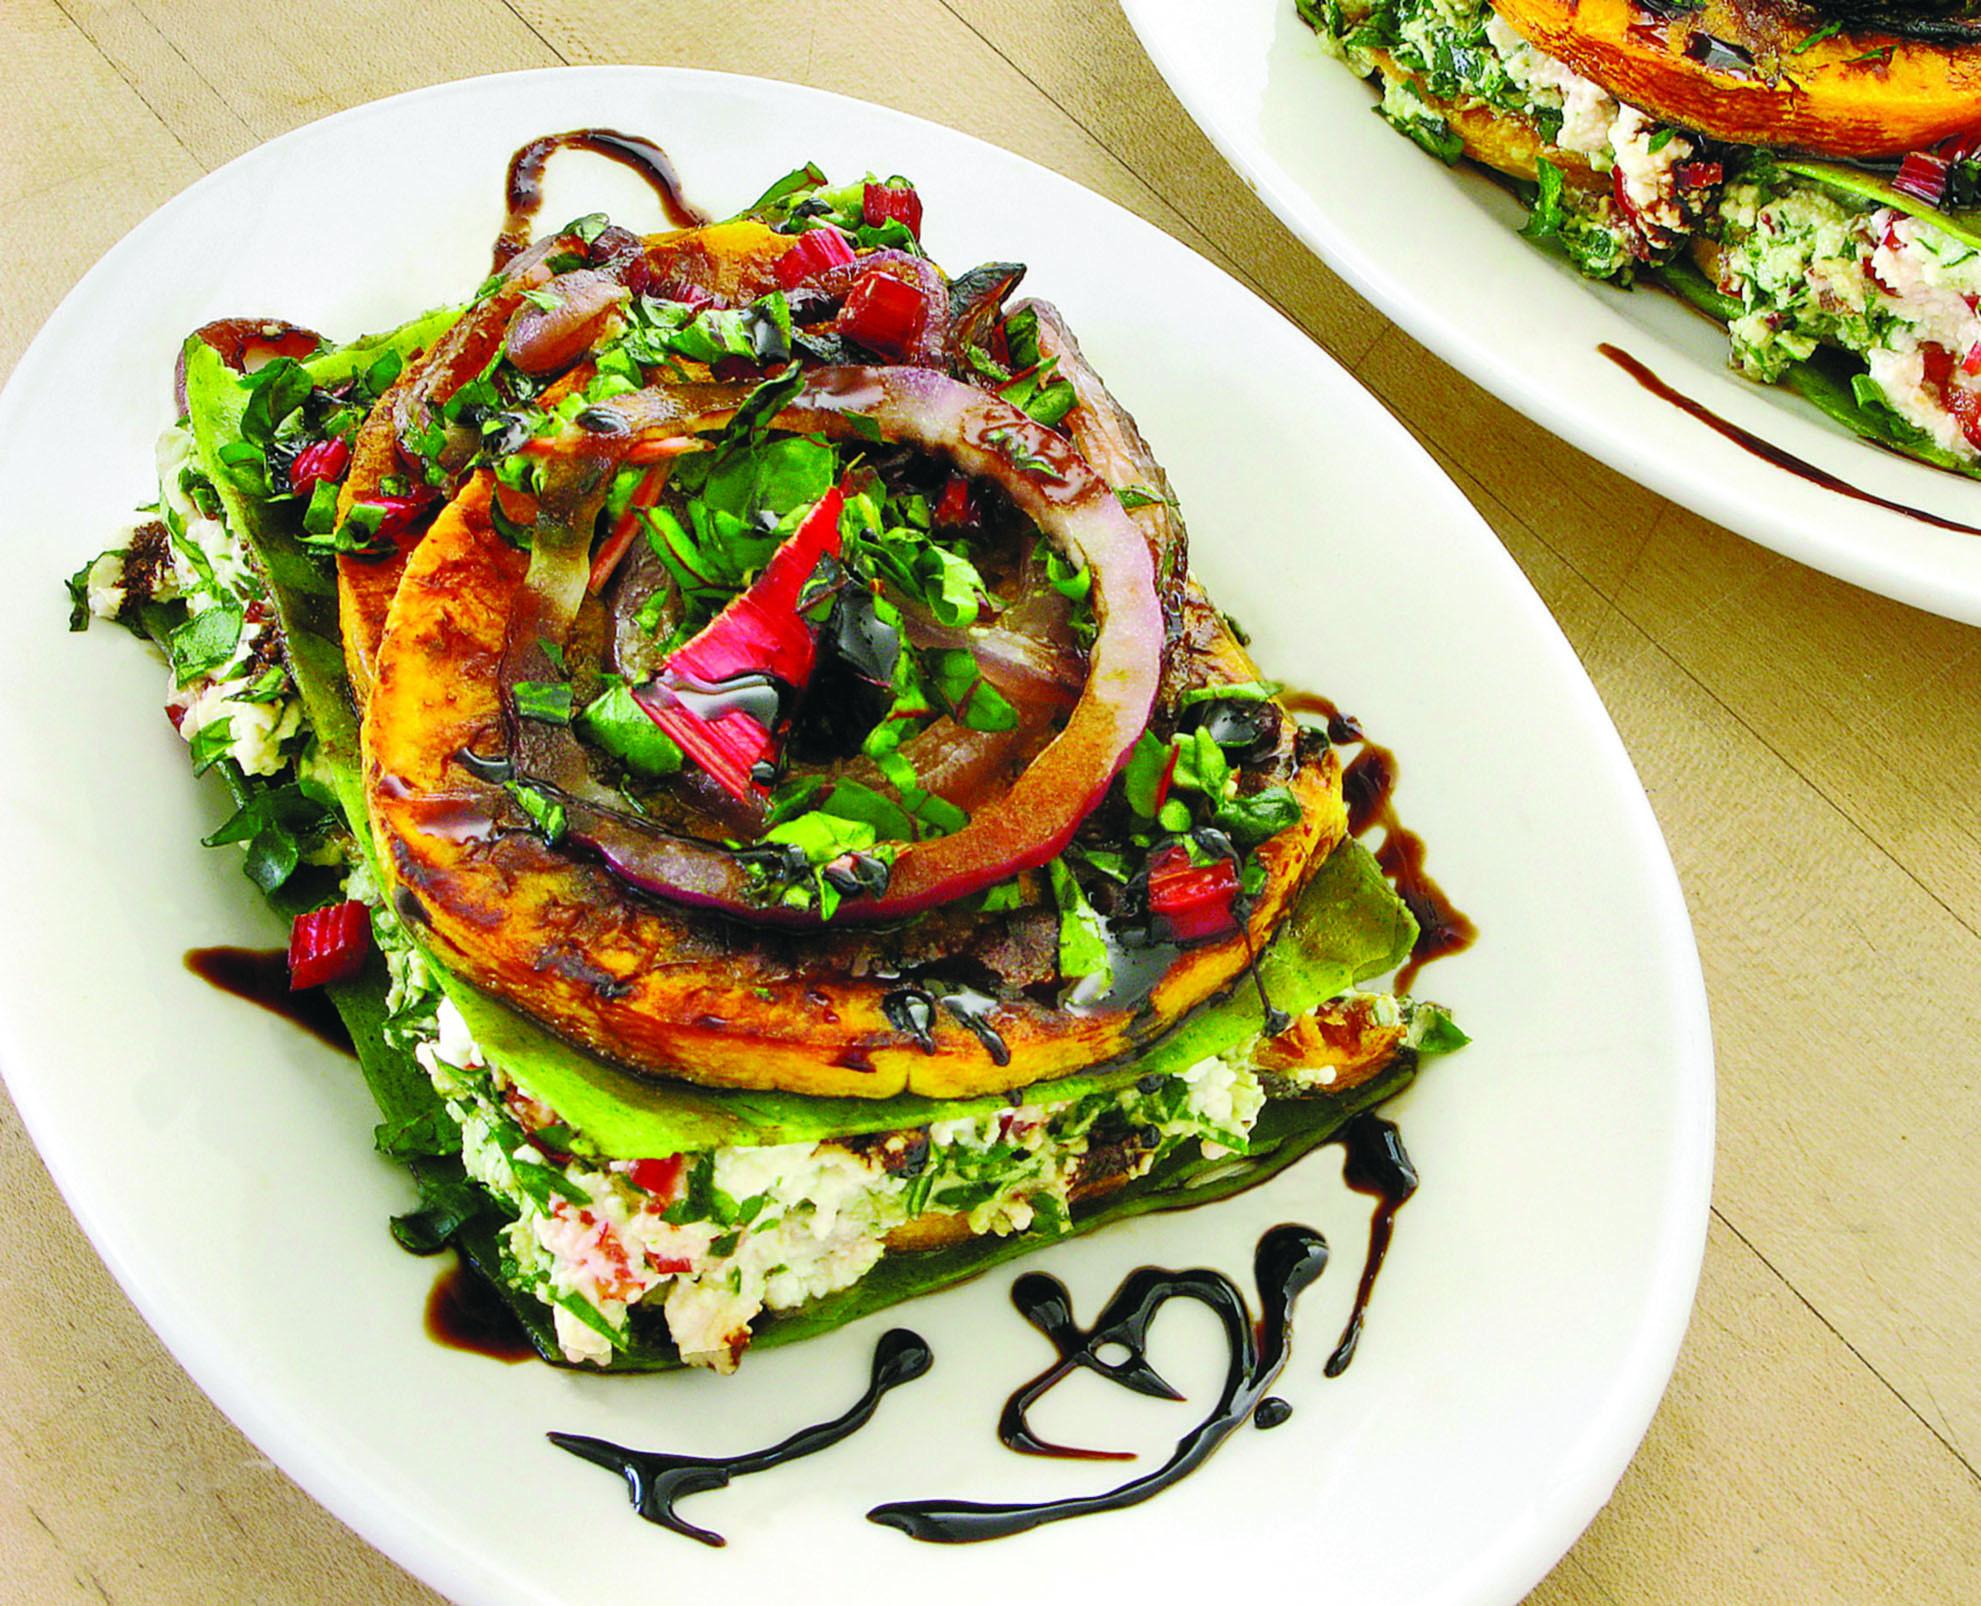 Vegetarian Fall Recipes  Ve arian Recipe Mollie Katzen s Autumn Ve able